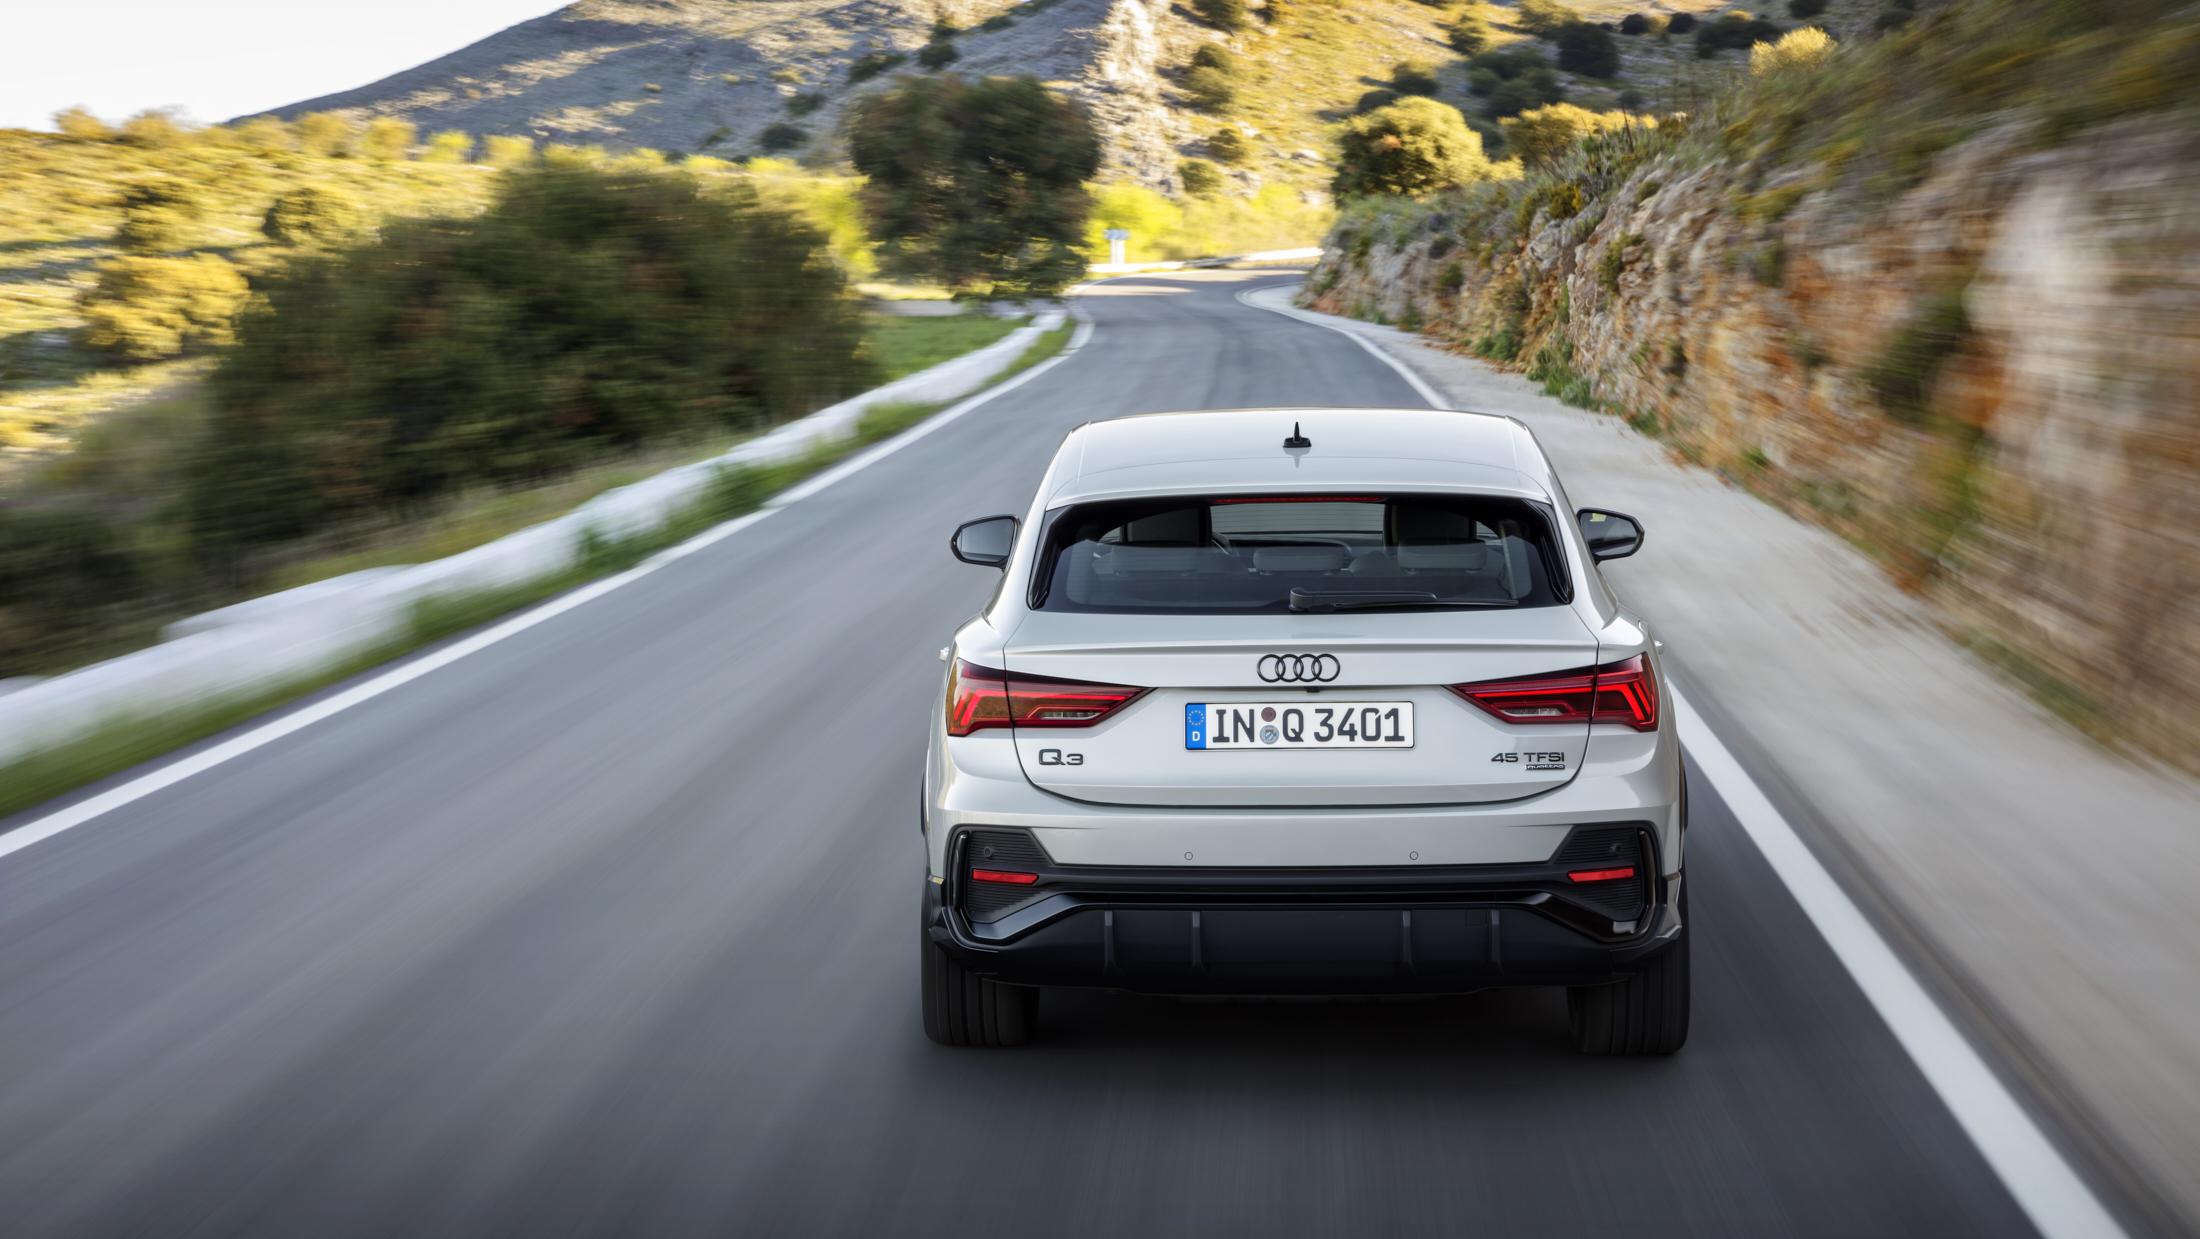 RWink_Audi_Q3_SB_Speed_007_B2200